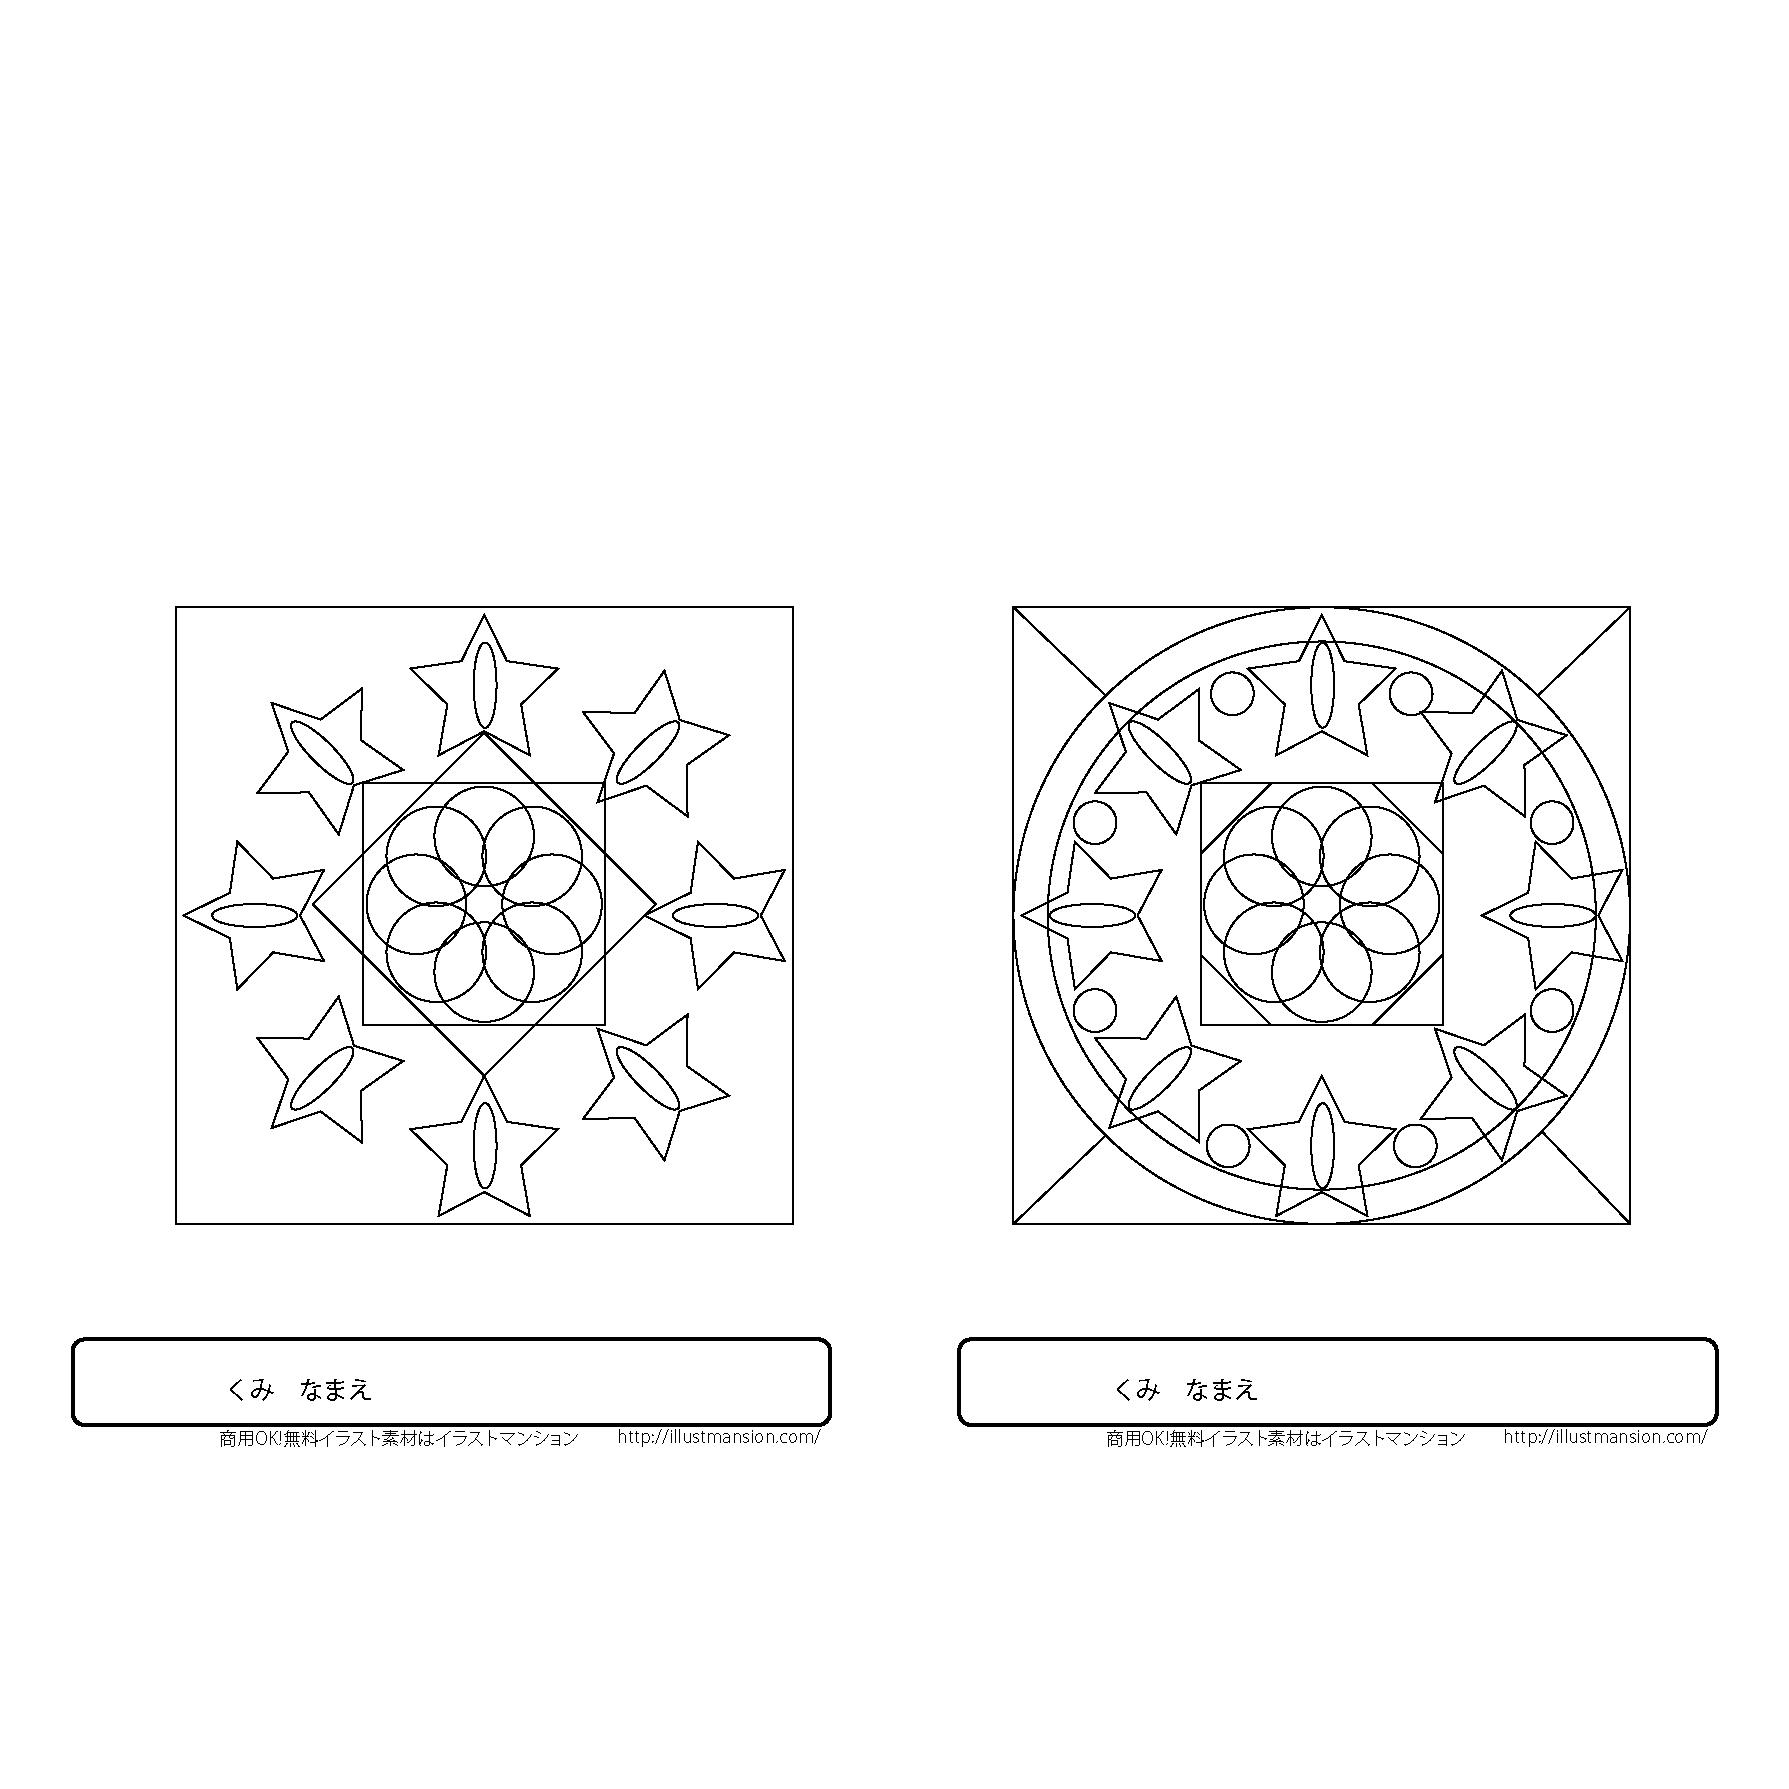 幾何学も模様のぬりえ塗り絵のフリーイラスト 商用フリー無料の